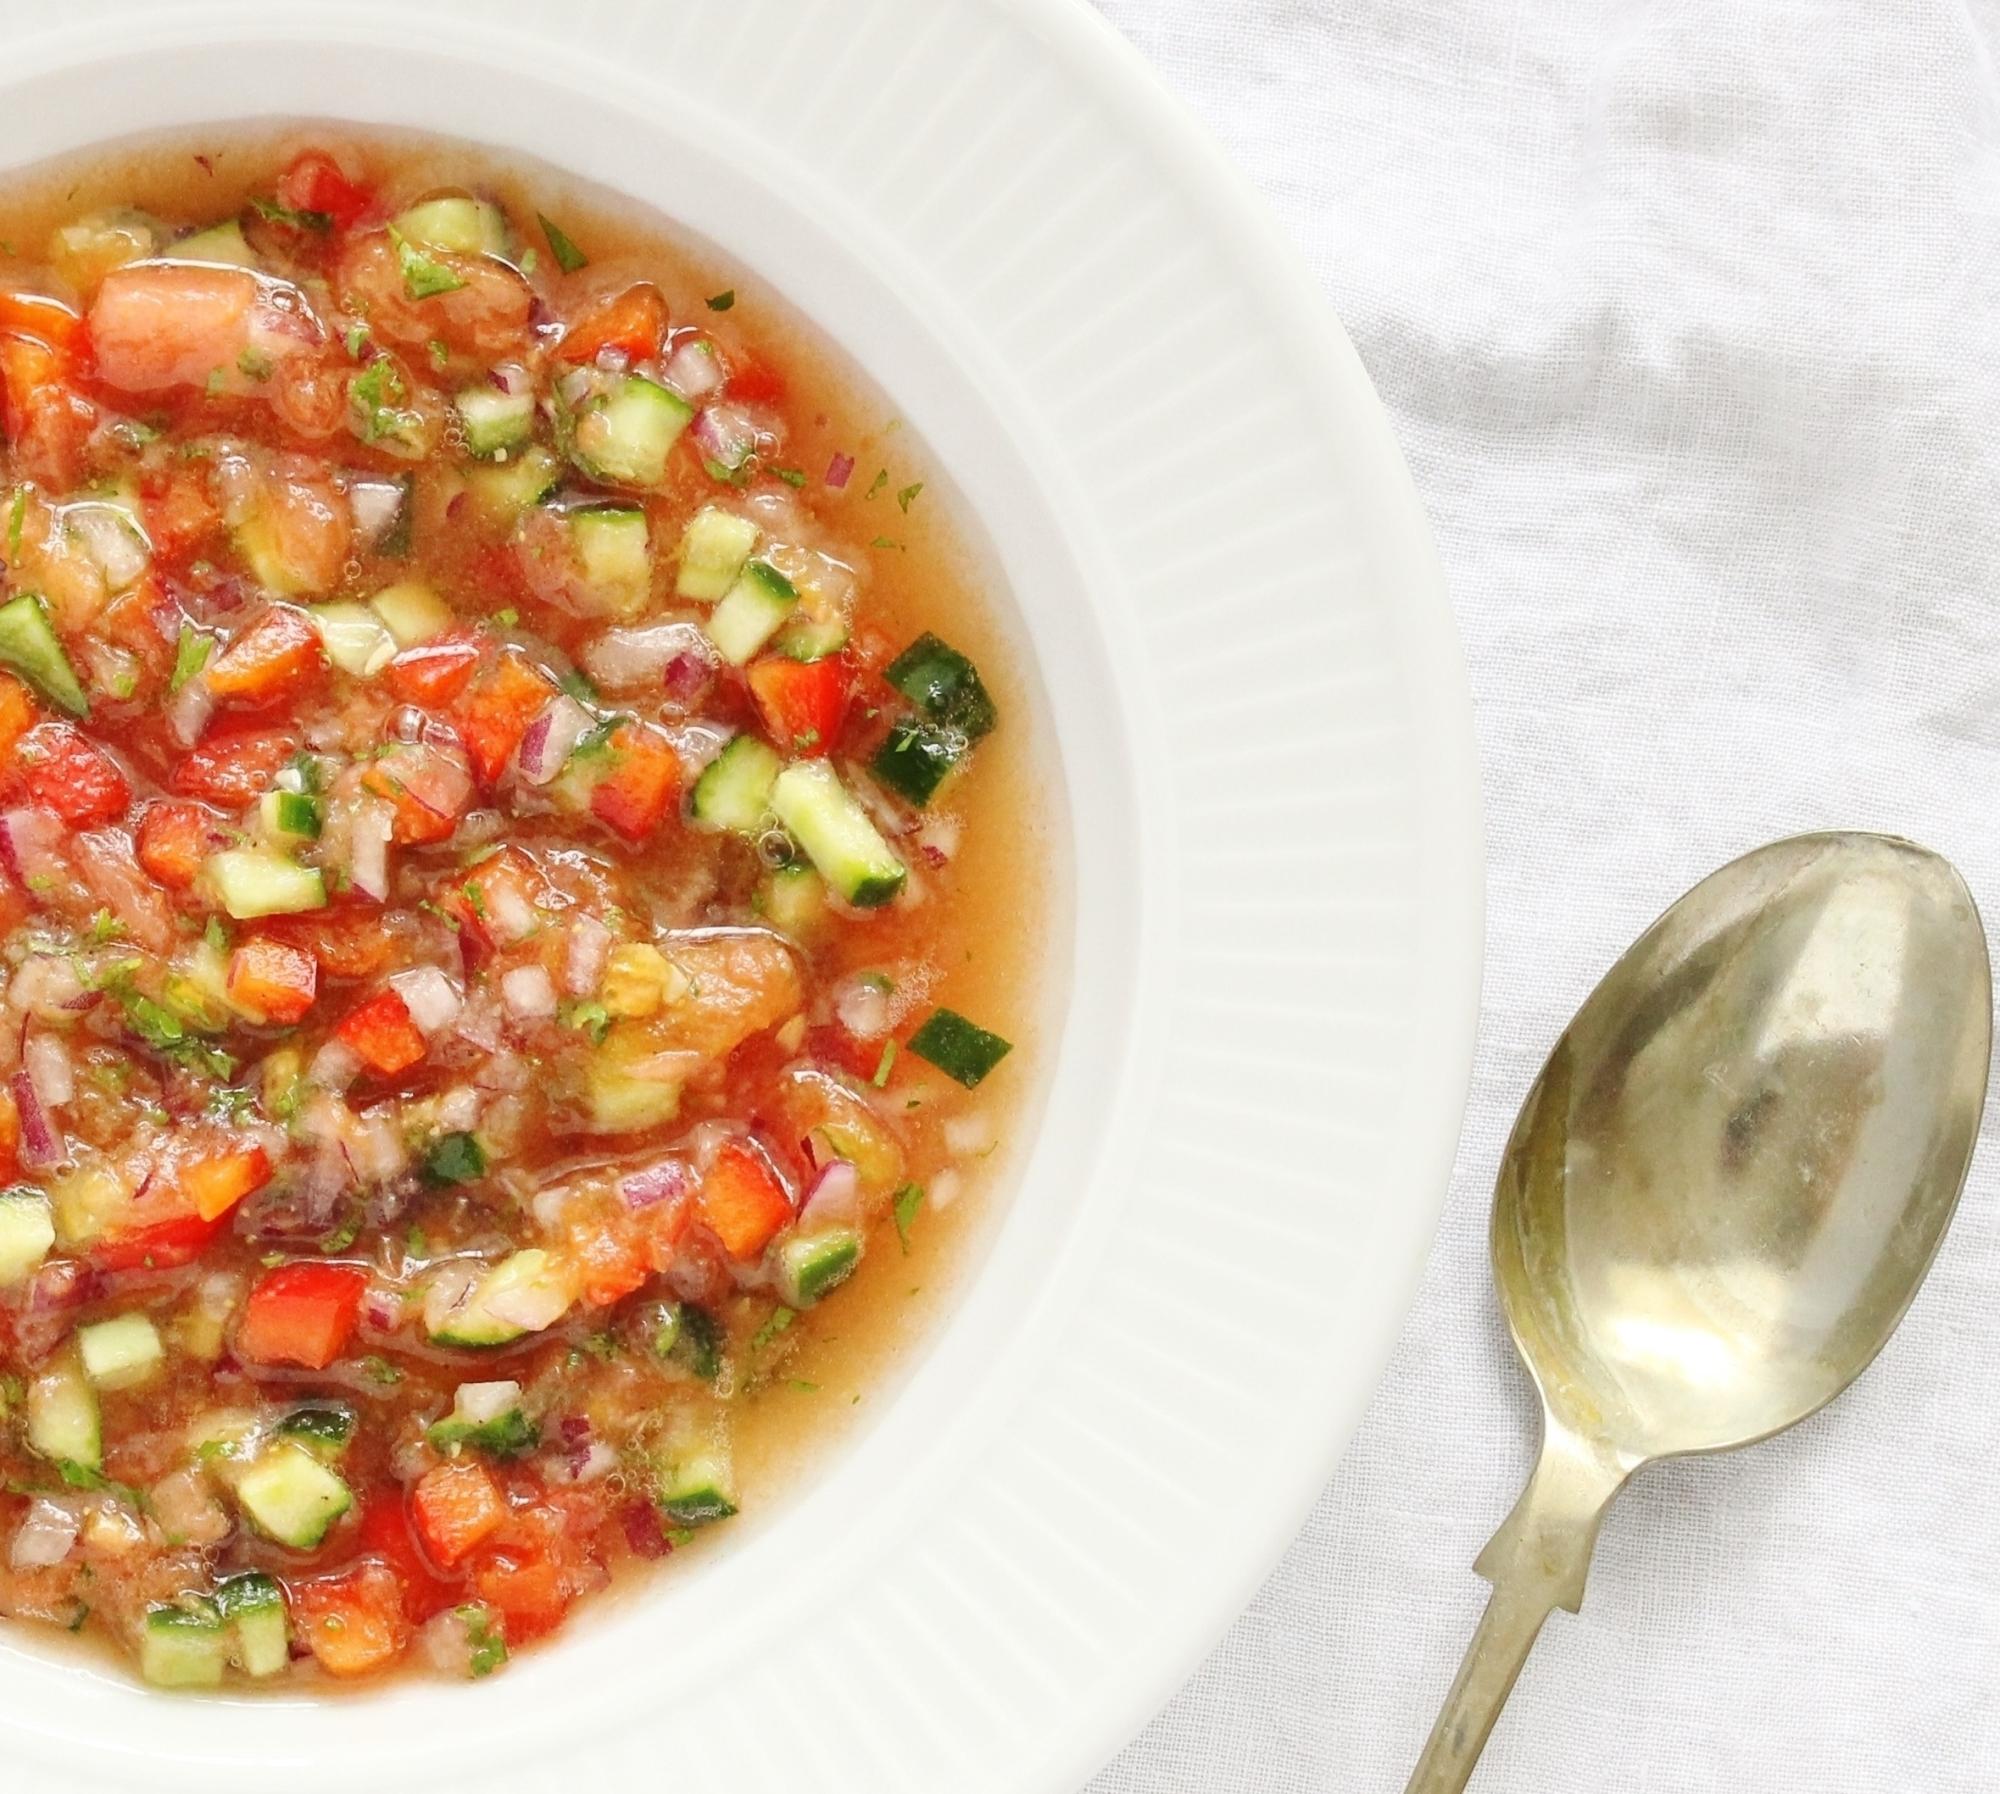 スペイン発の冷製スープ!「ガスパチョ」の基本レシピ&アレンジ15選